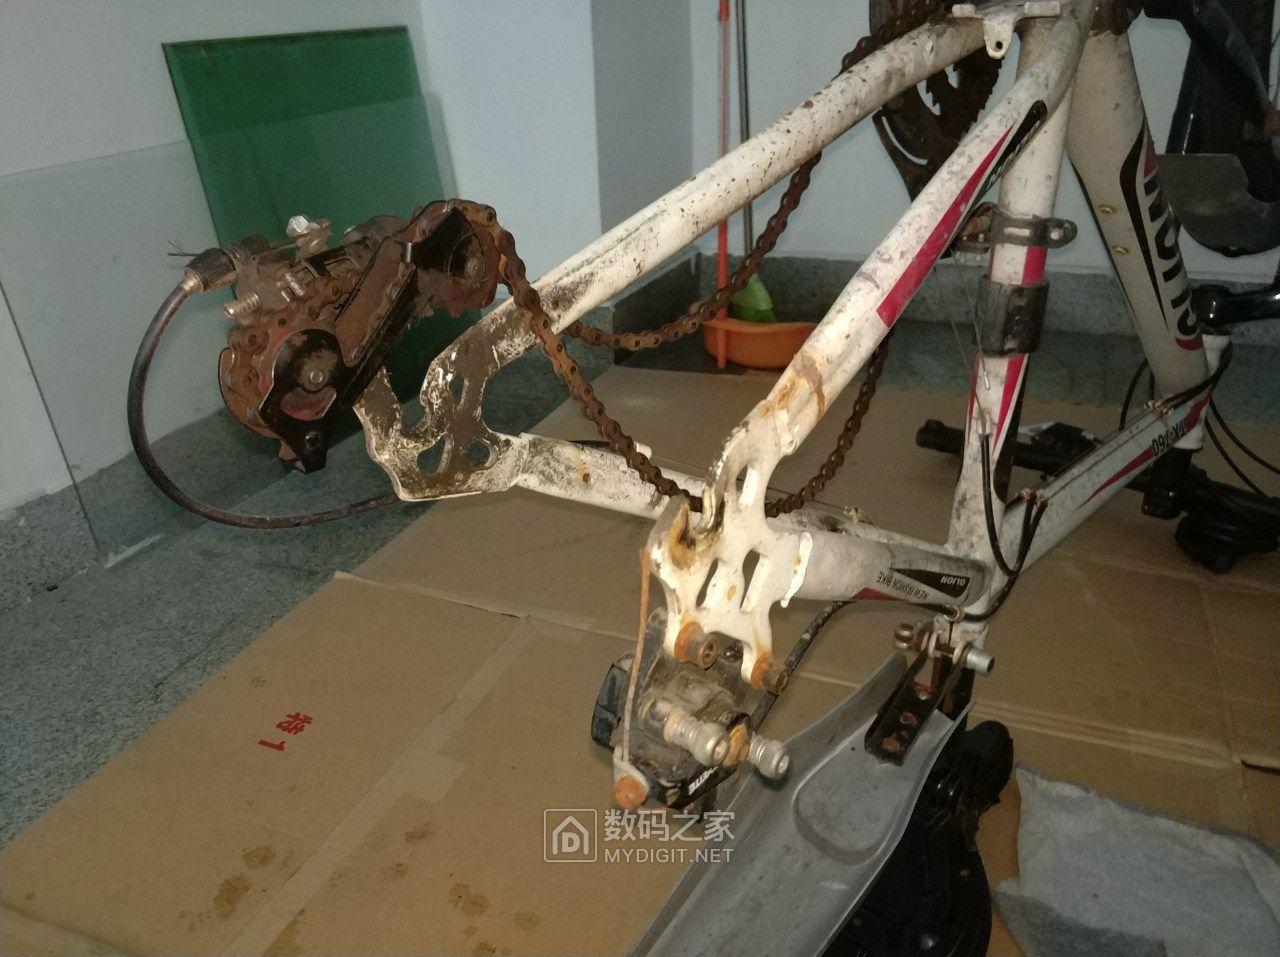 人生中的第一次,拆换一辆26寸山地自行车内外轮胎